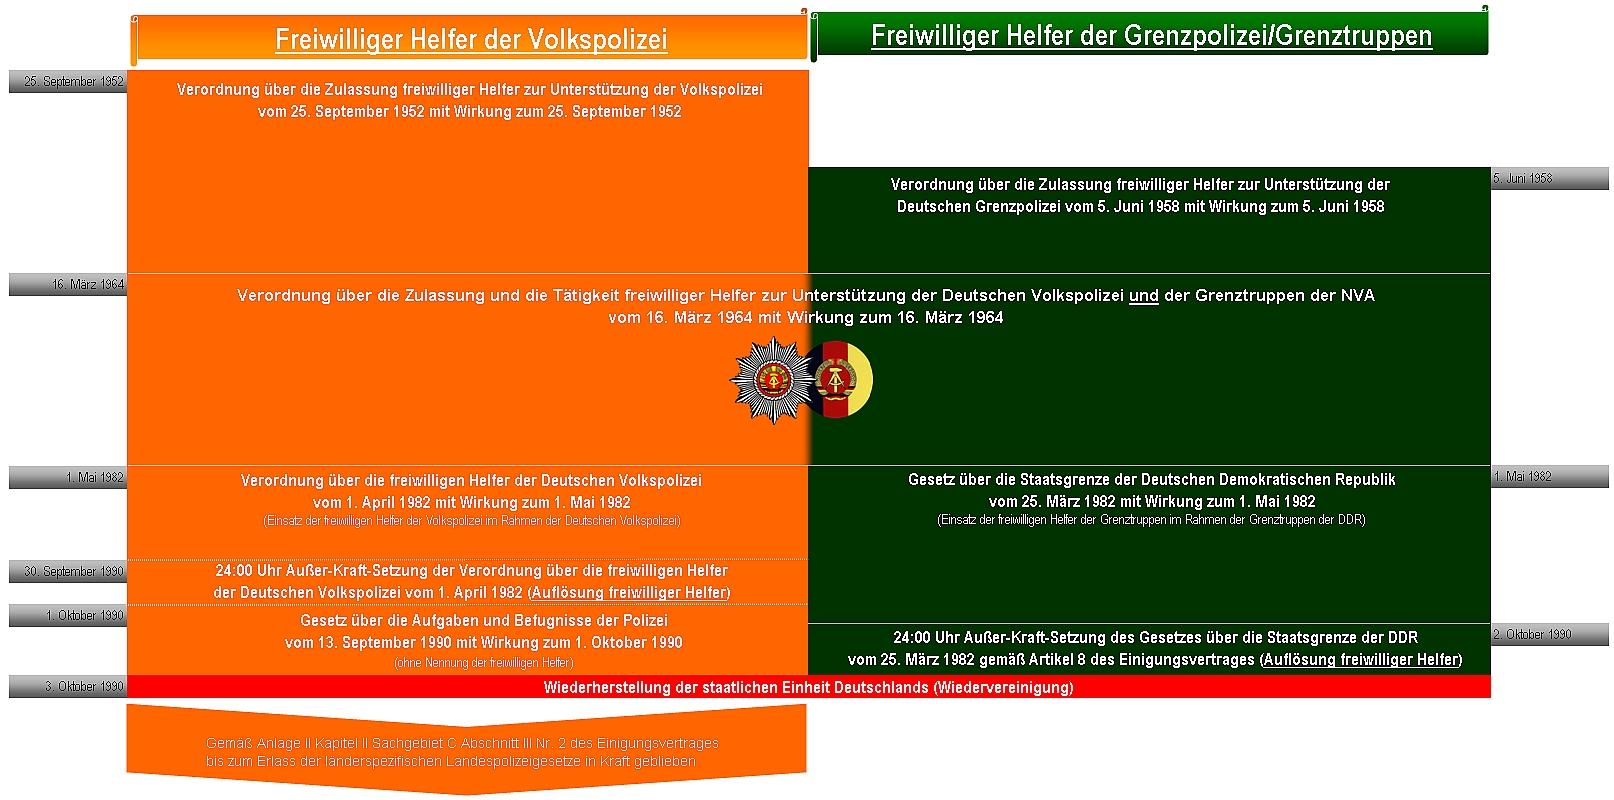 Freiwillige Helfer der Volkspolizei - Wikiwand